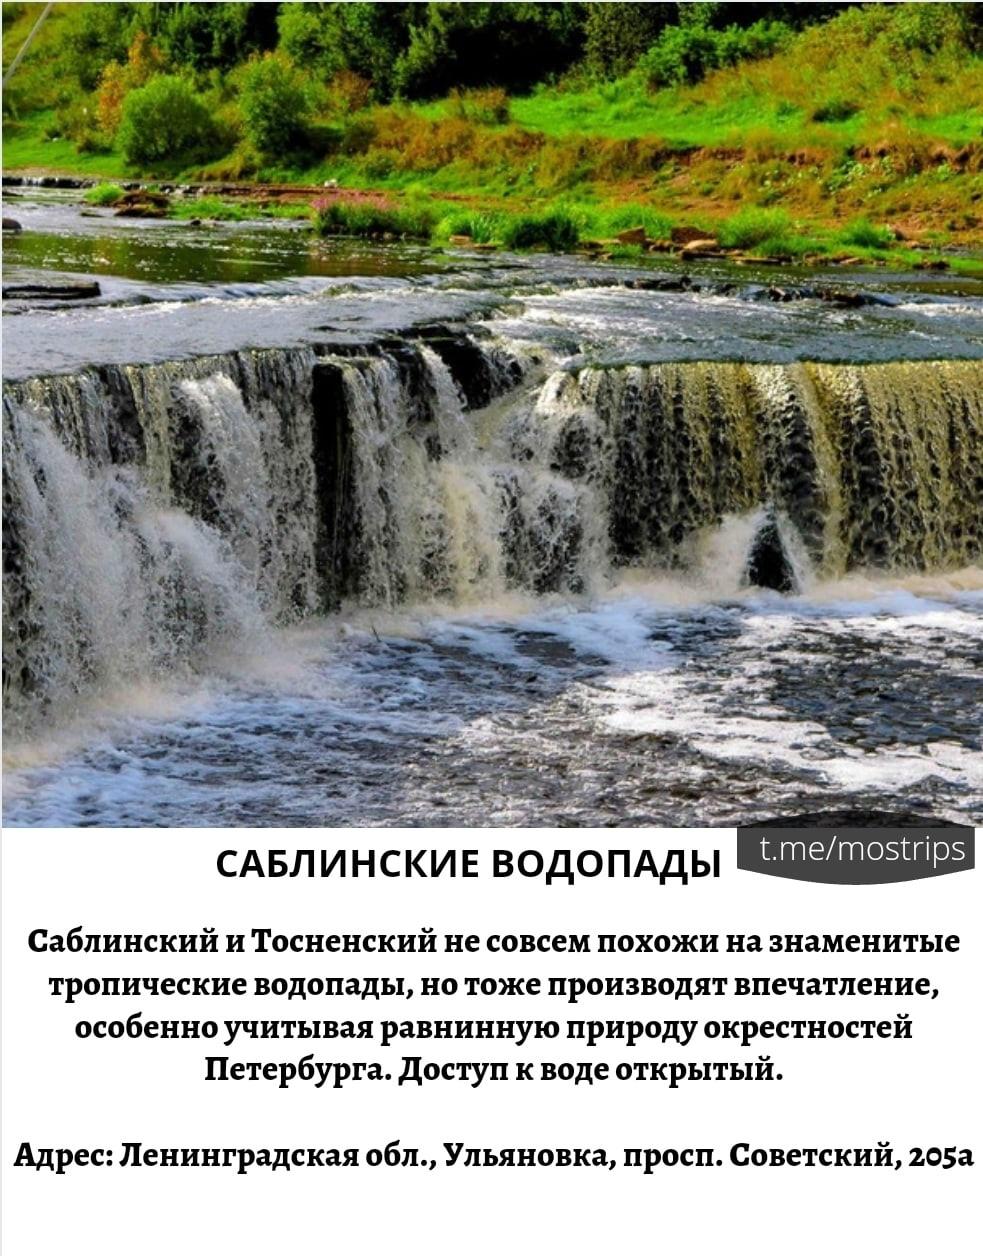 ТОП-8 интересных мест, которые стоит посетить во время путешествия из Москвы в Санкт-Петербург: